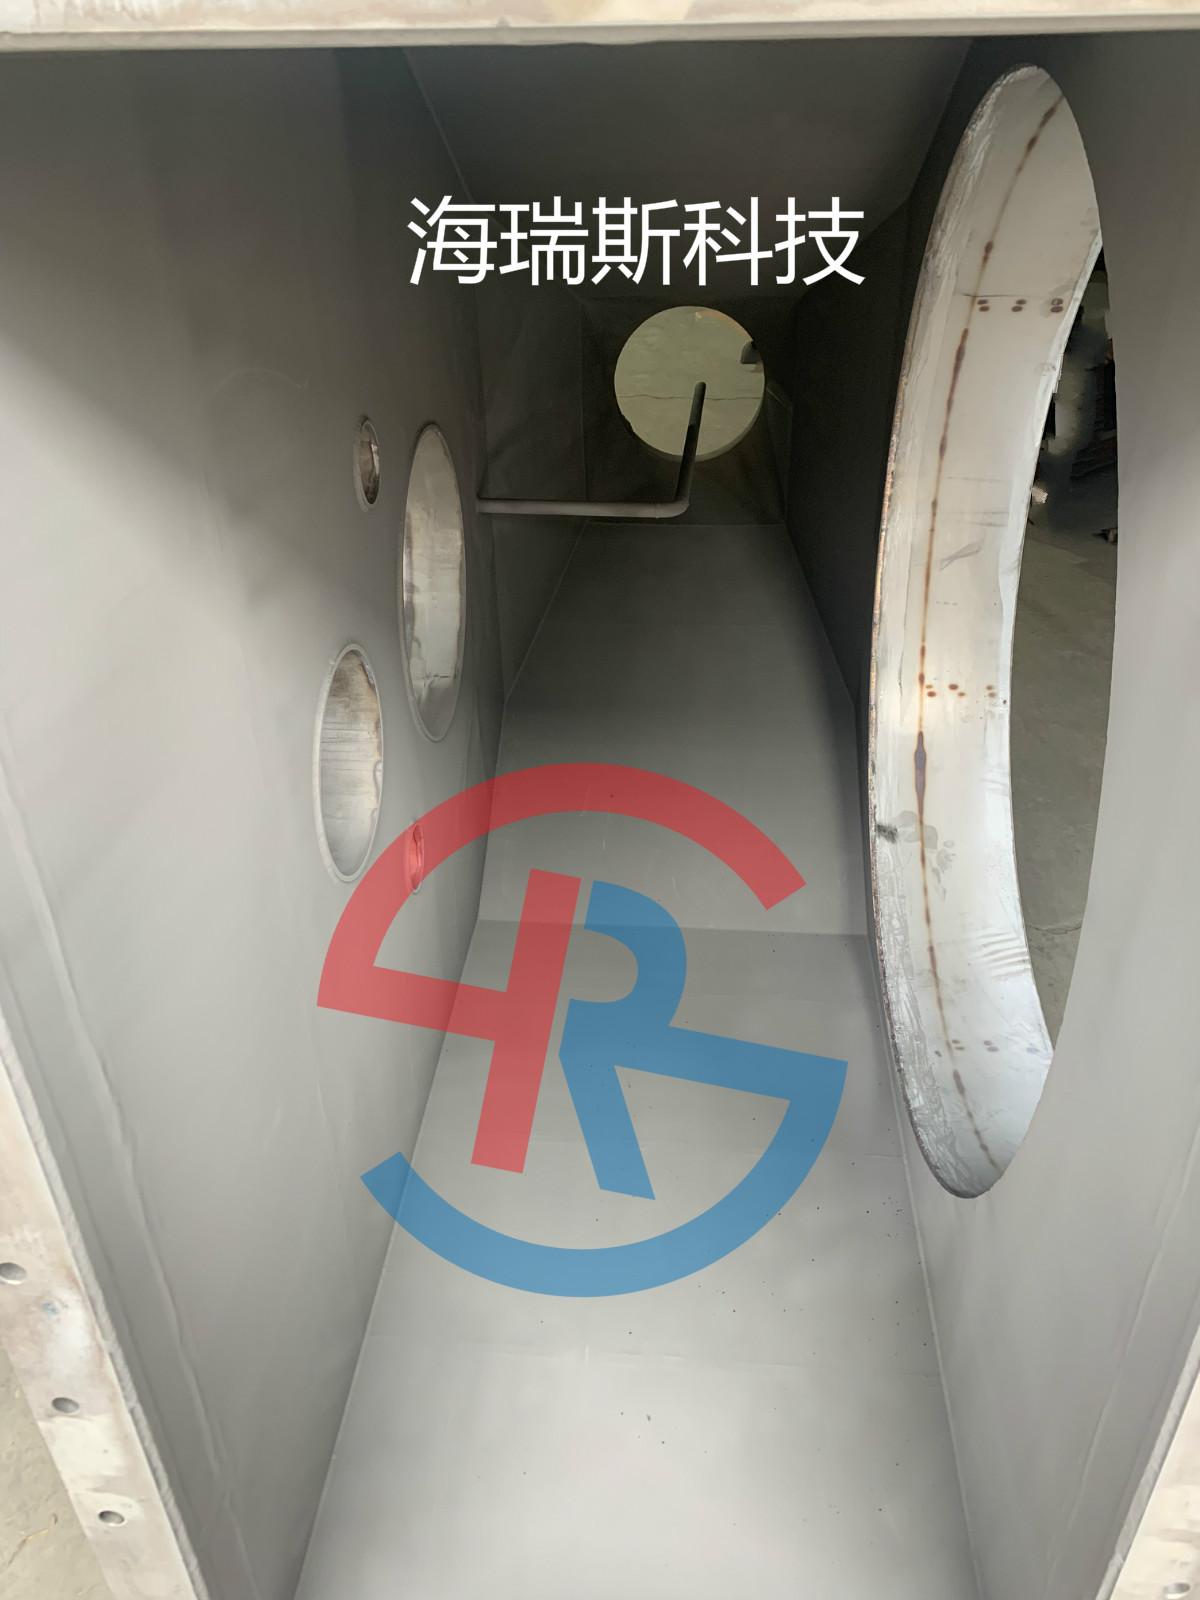 锂电喂料设备喷涂碳化钨耐磨涂层